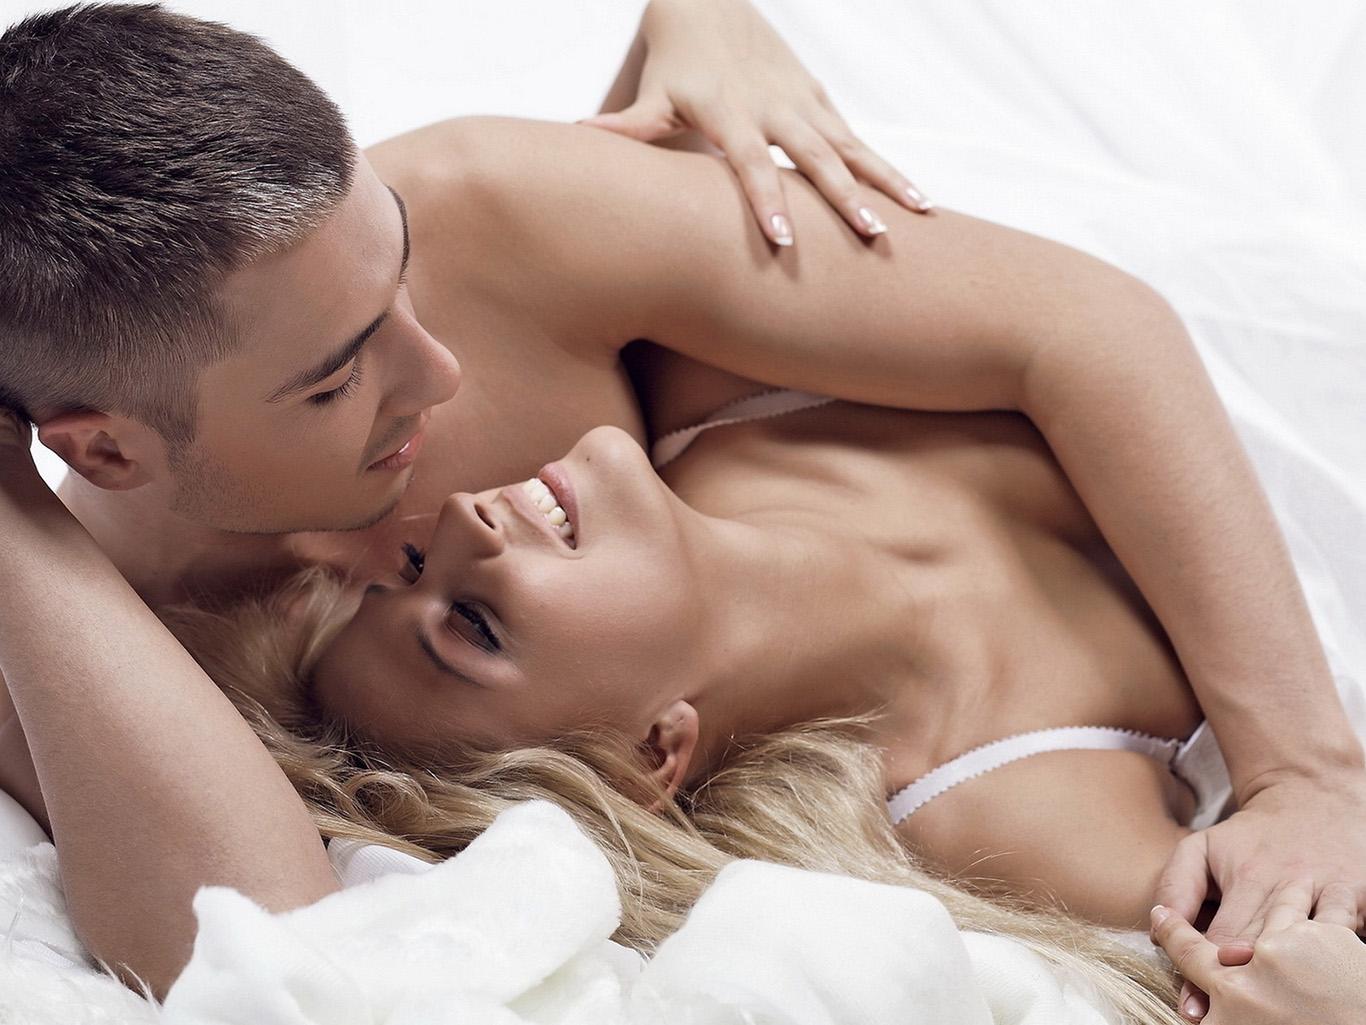 Оргазм натуральный видео СЕО